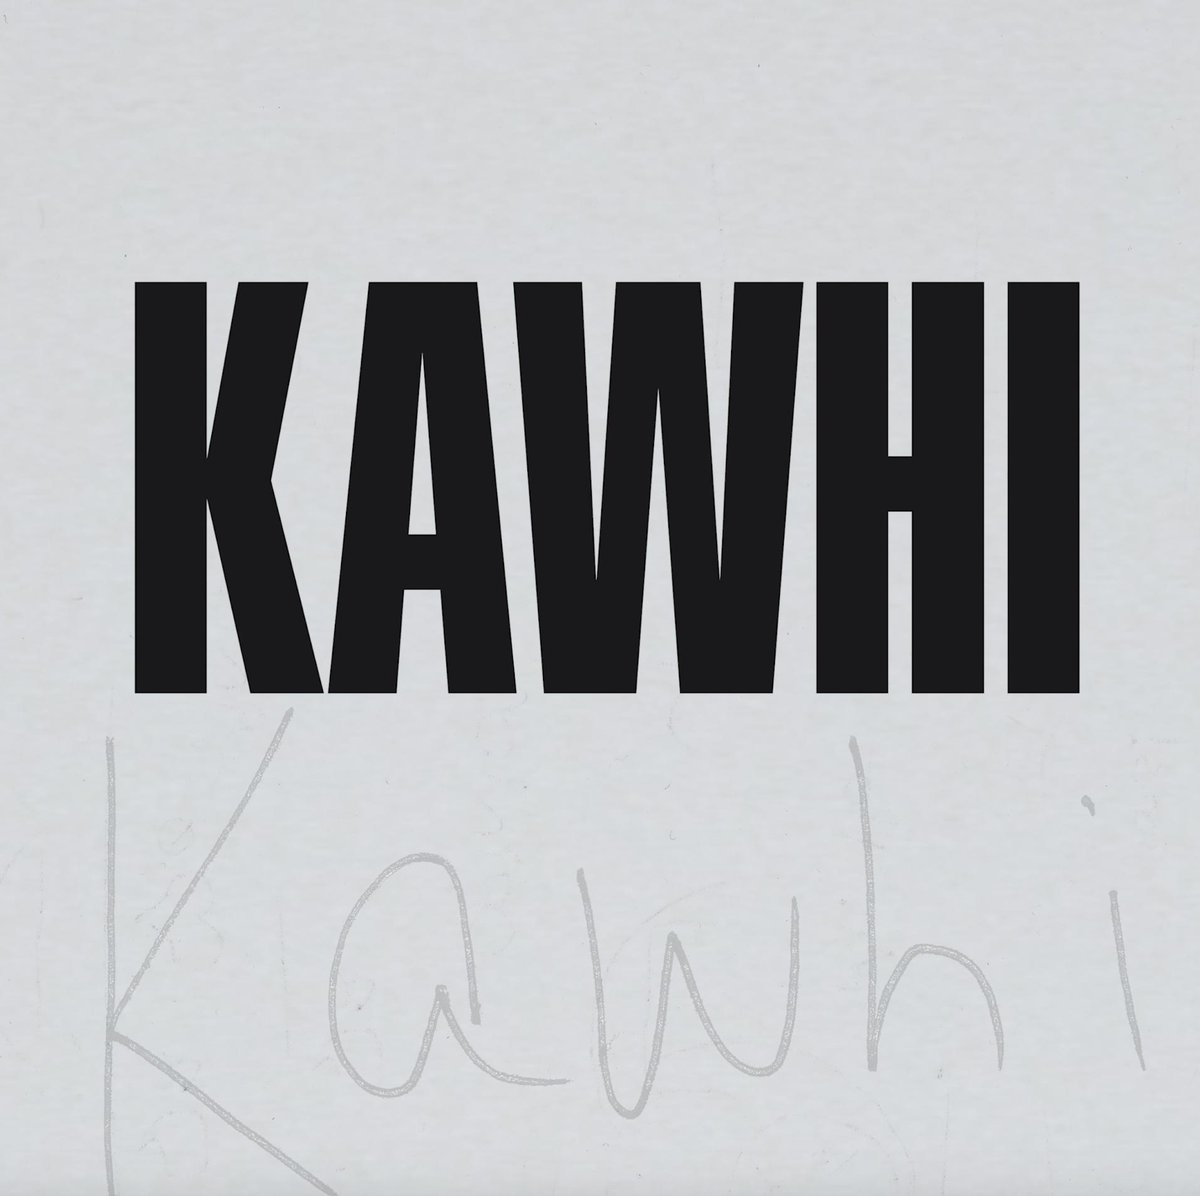 Kawhi. NB Hoops. We Got Now.  (oh yeah, sneaker debut at #NBAAllStar)